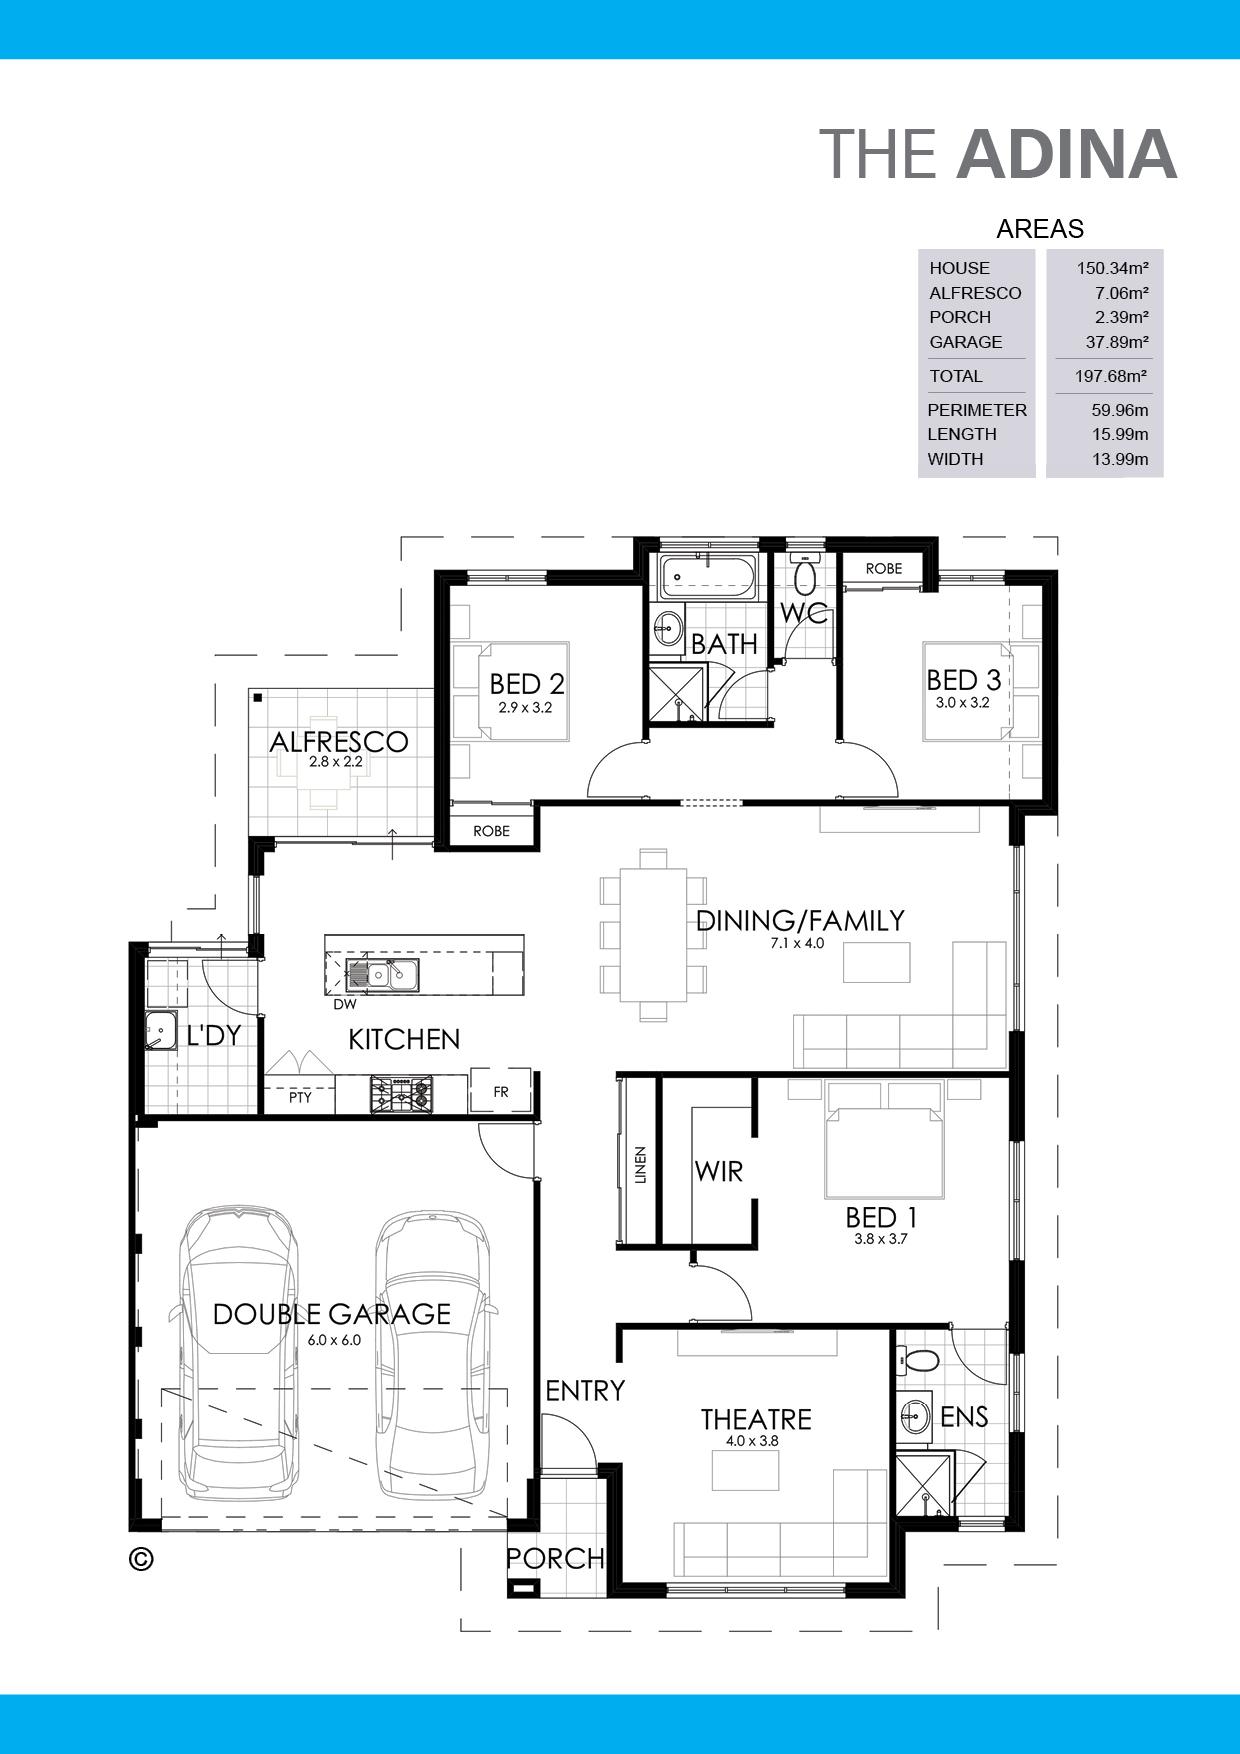 The Adina Floorplan